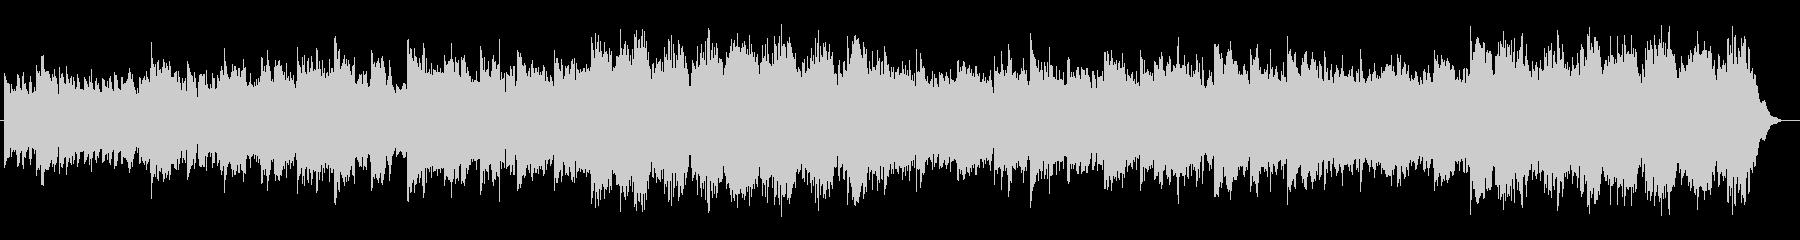 ギター系音色のスローなポップスの未再生の波形